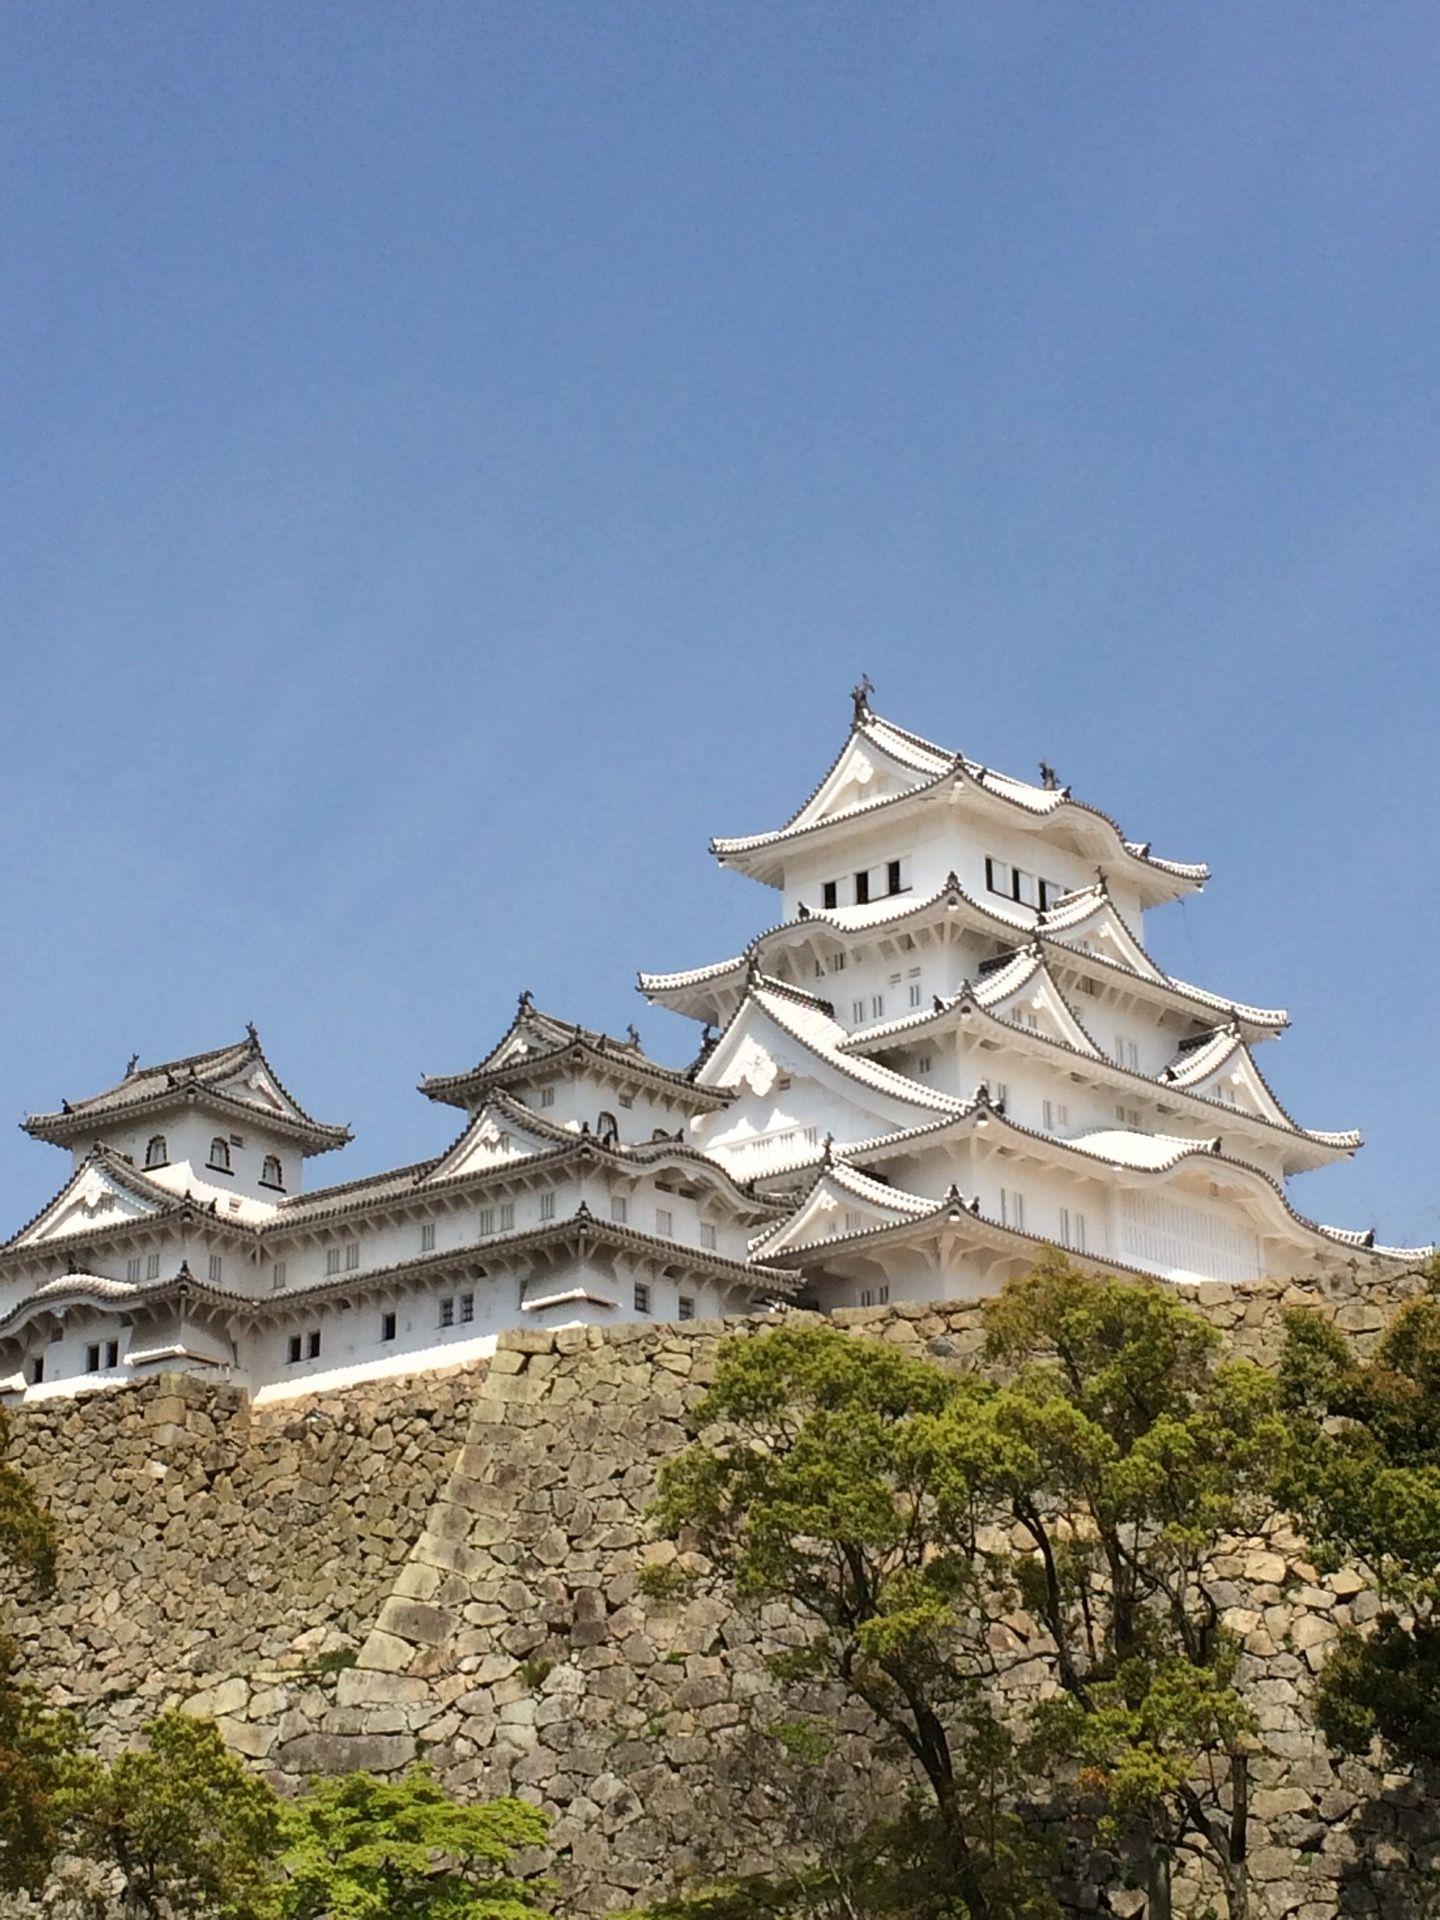 姫路城 (Himeji Castle) in 姫路市, 兵庫県